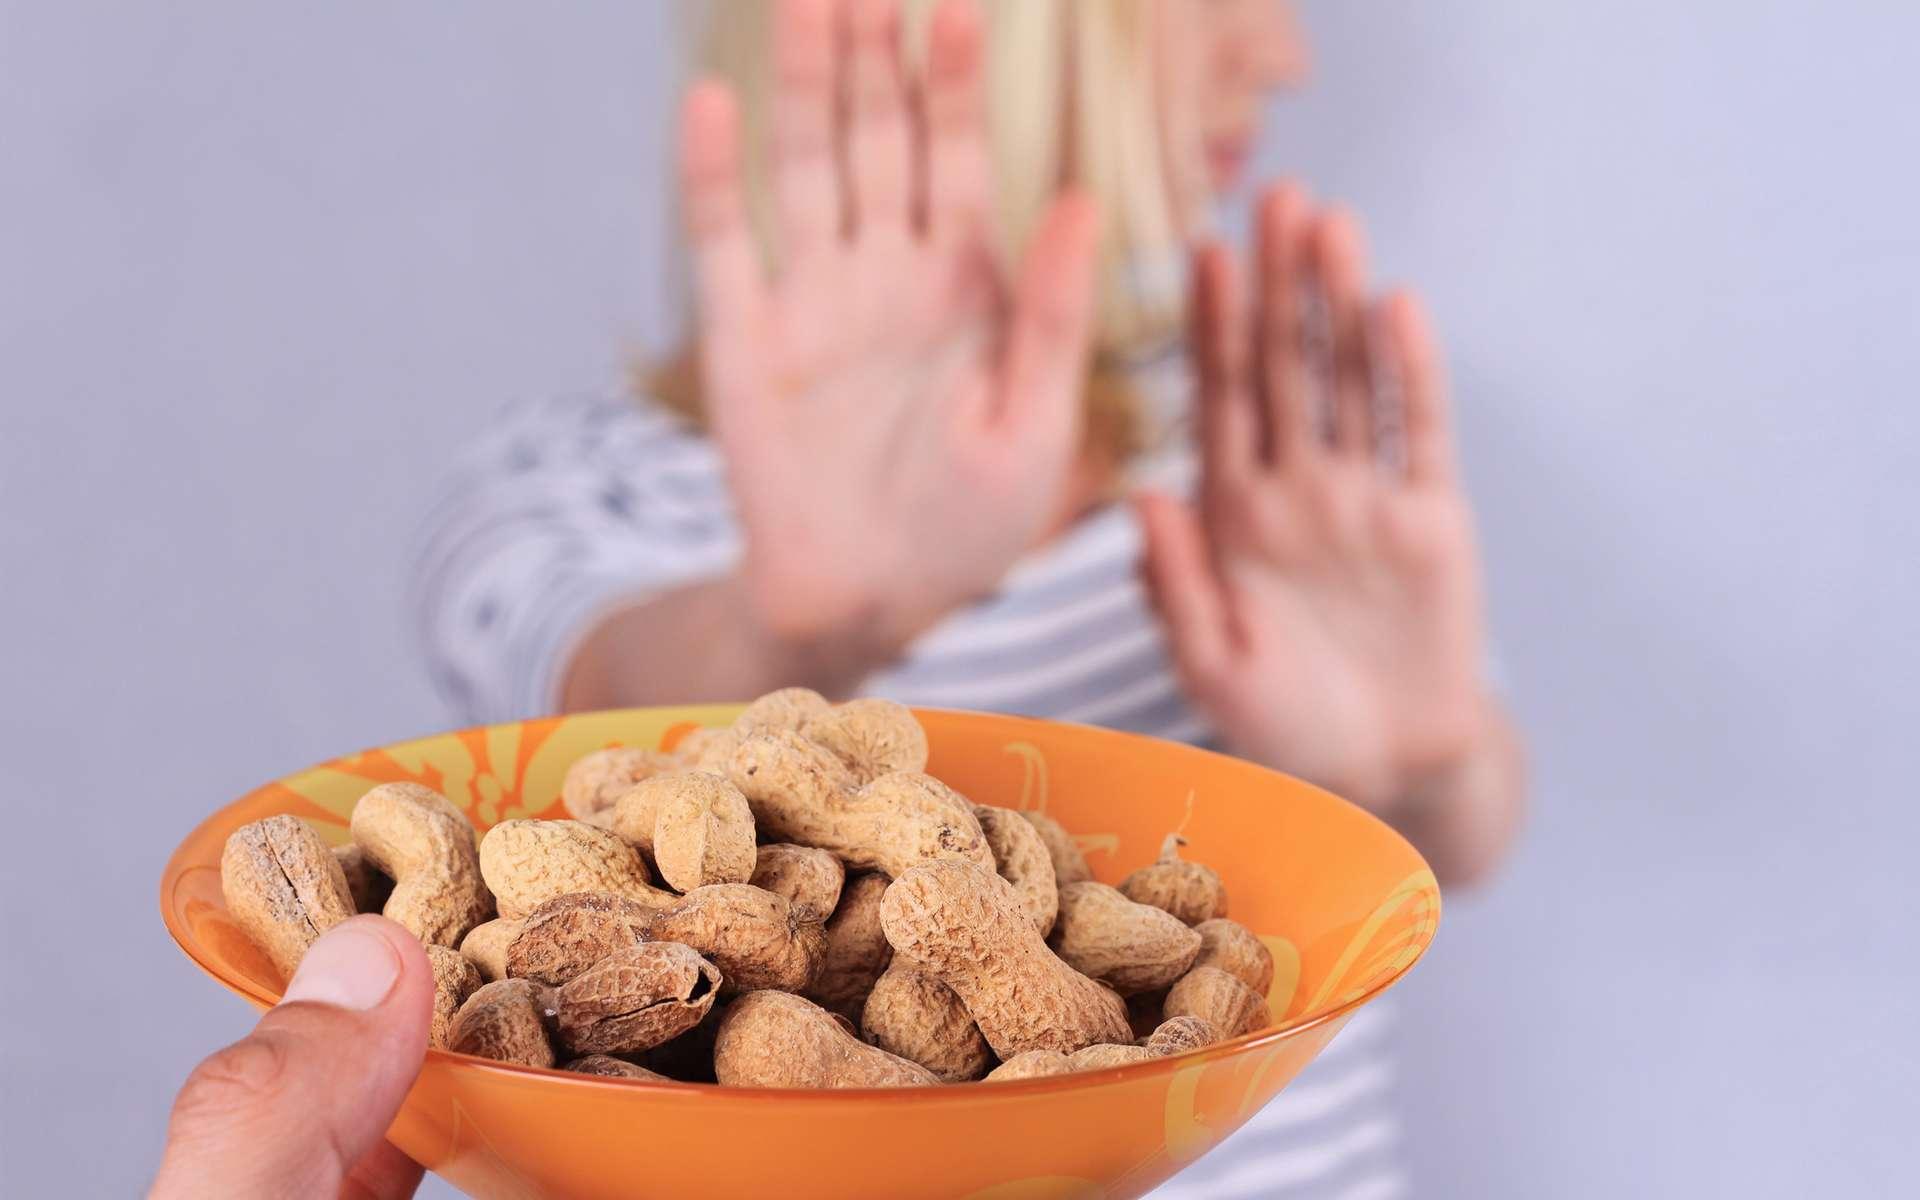 L'allergie aux arachides compte parmi les allergies alimentaires les plus courantes. © glisic_albian, Adobe Stock